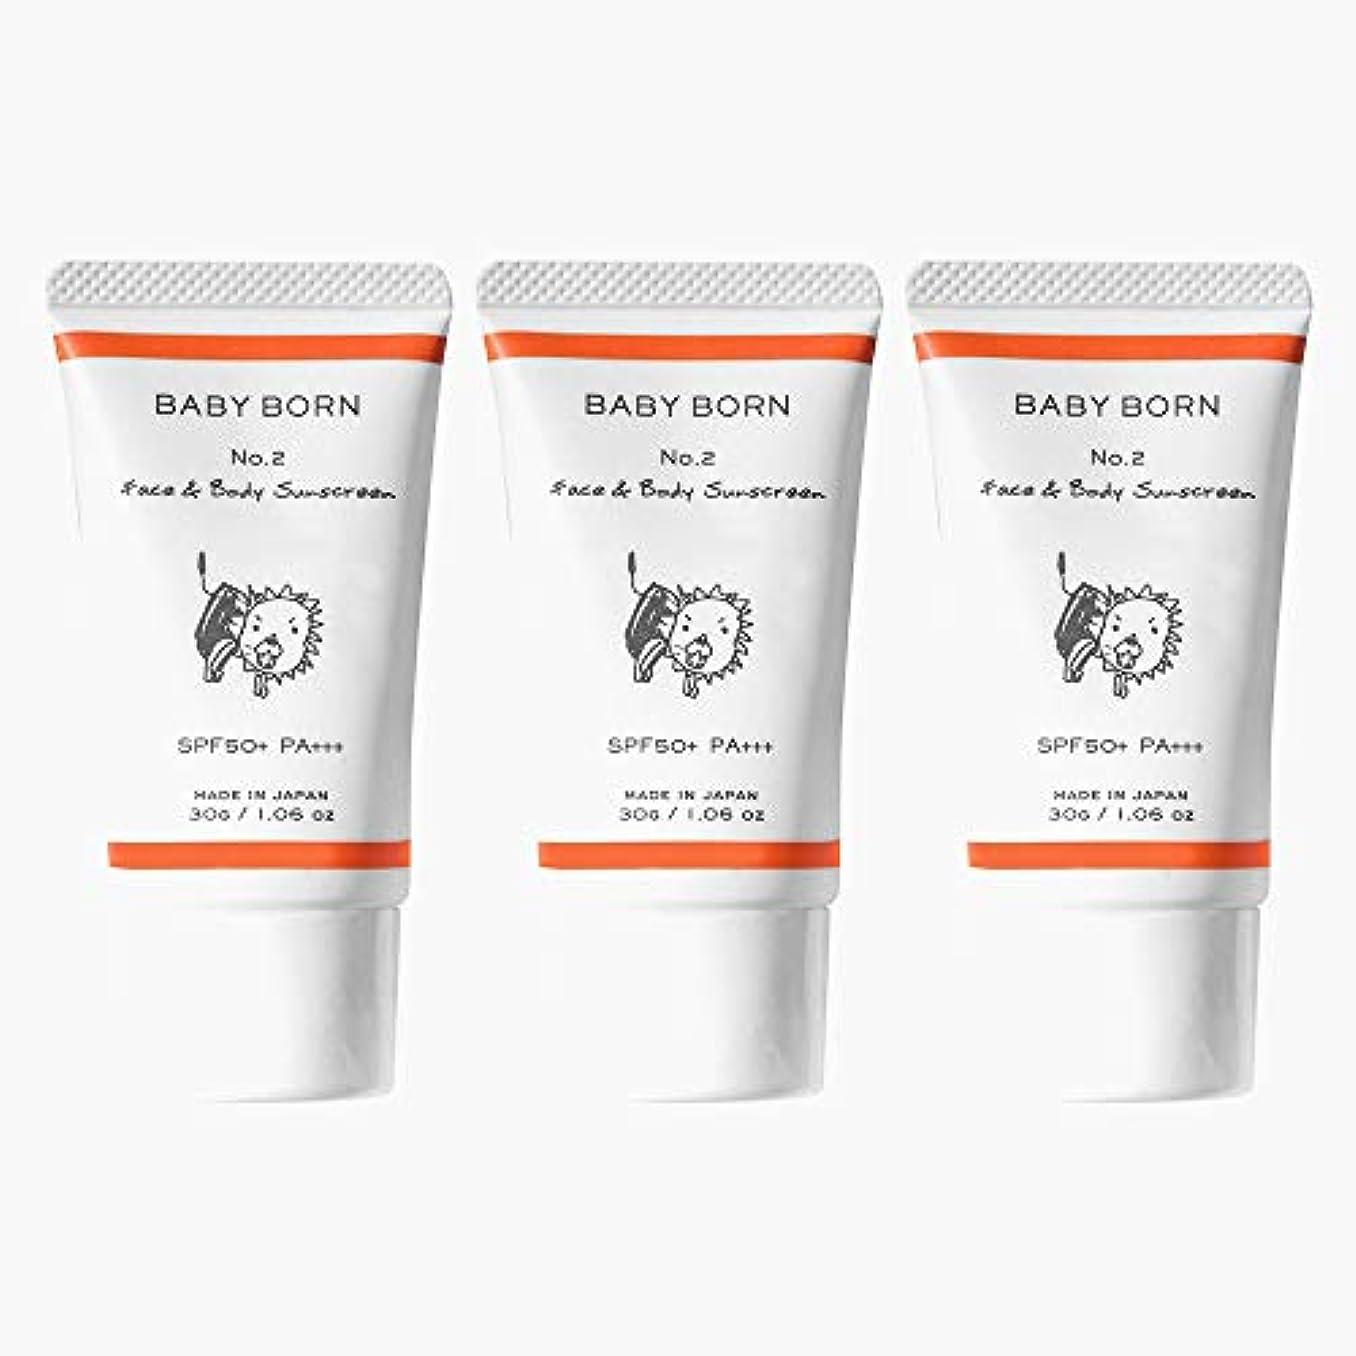 まとめるロケットかりて日焼け止め 赤ちゃんや子どもにも使えるBABY BORN(ベビーボーン) Face&Body Sunscreen 3個セット 日焼け止め UV ケア 東原亜希 高橋ミカ 共同開発 SPF50+/PA++++